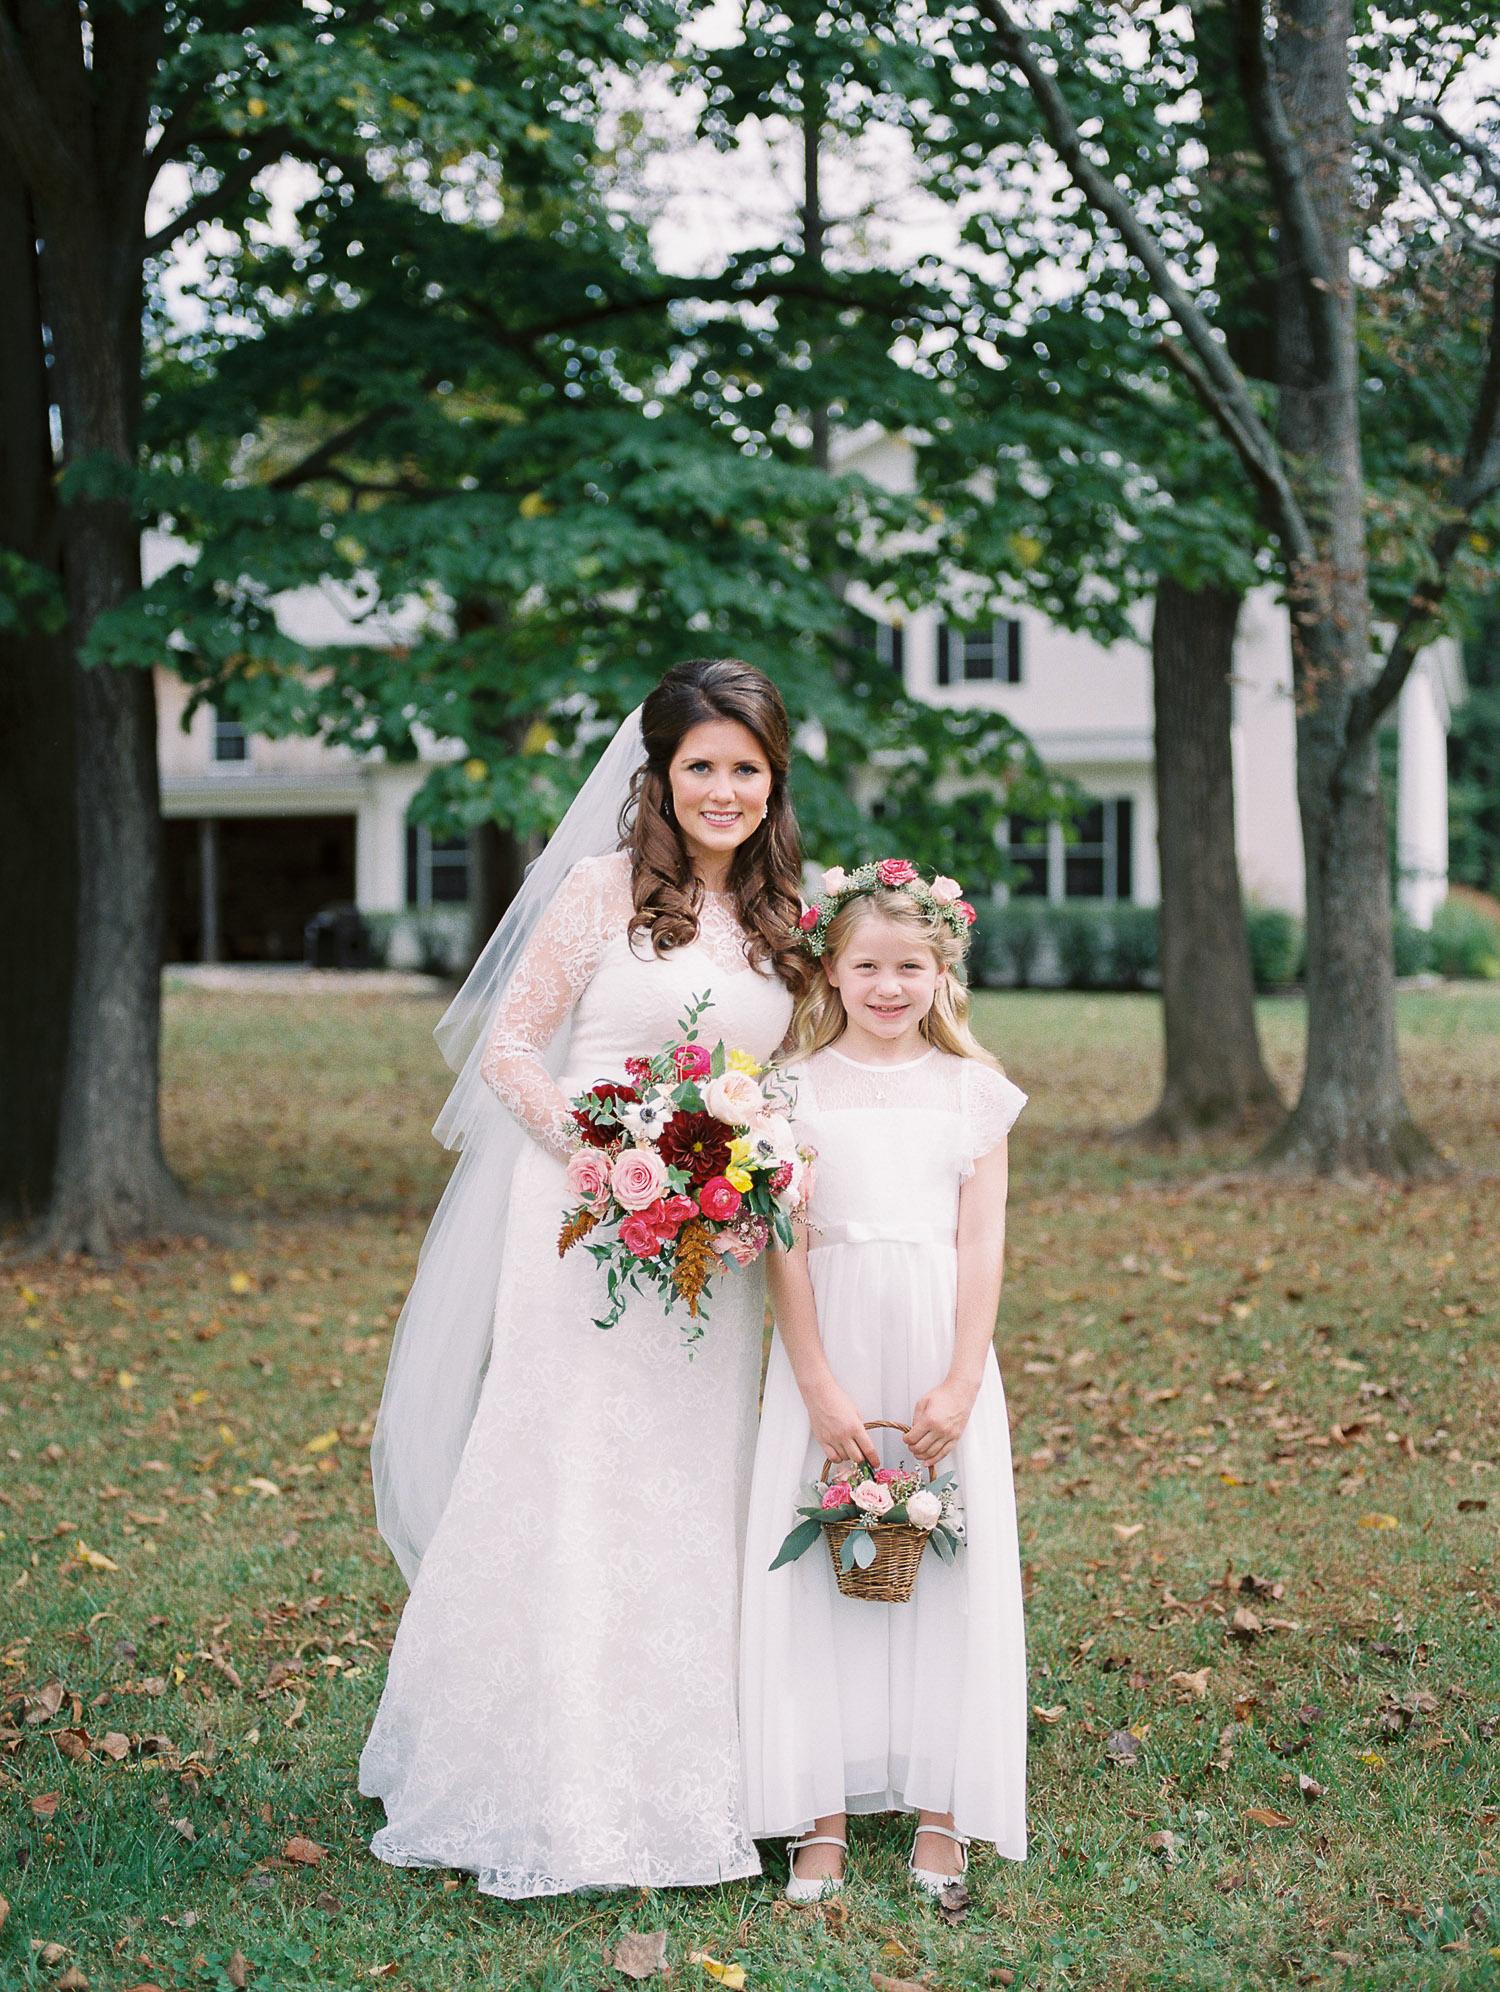 20171113_du_soleil_photographie_erin_charlie_wedding_wedding_party-71